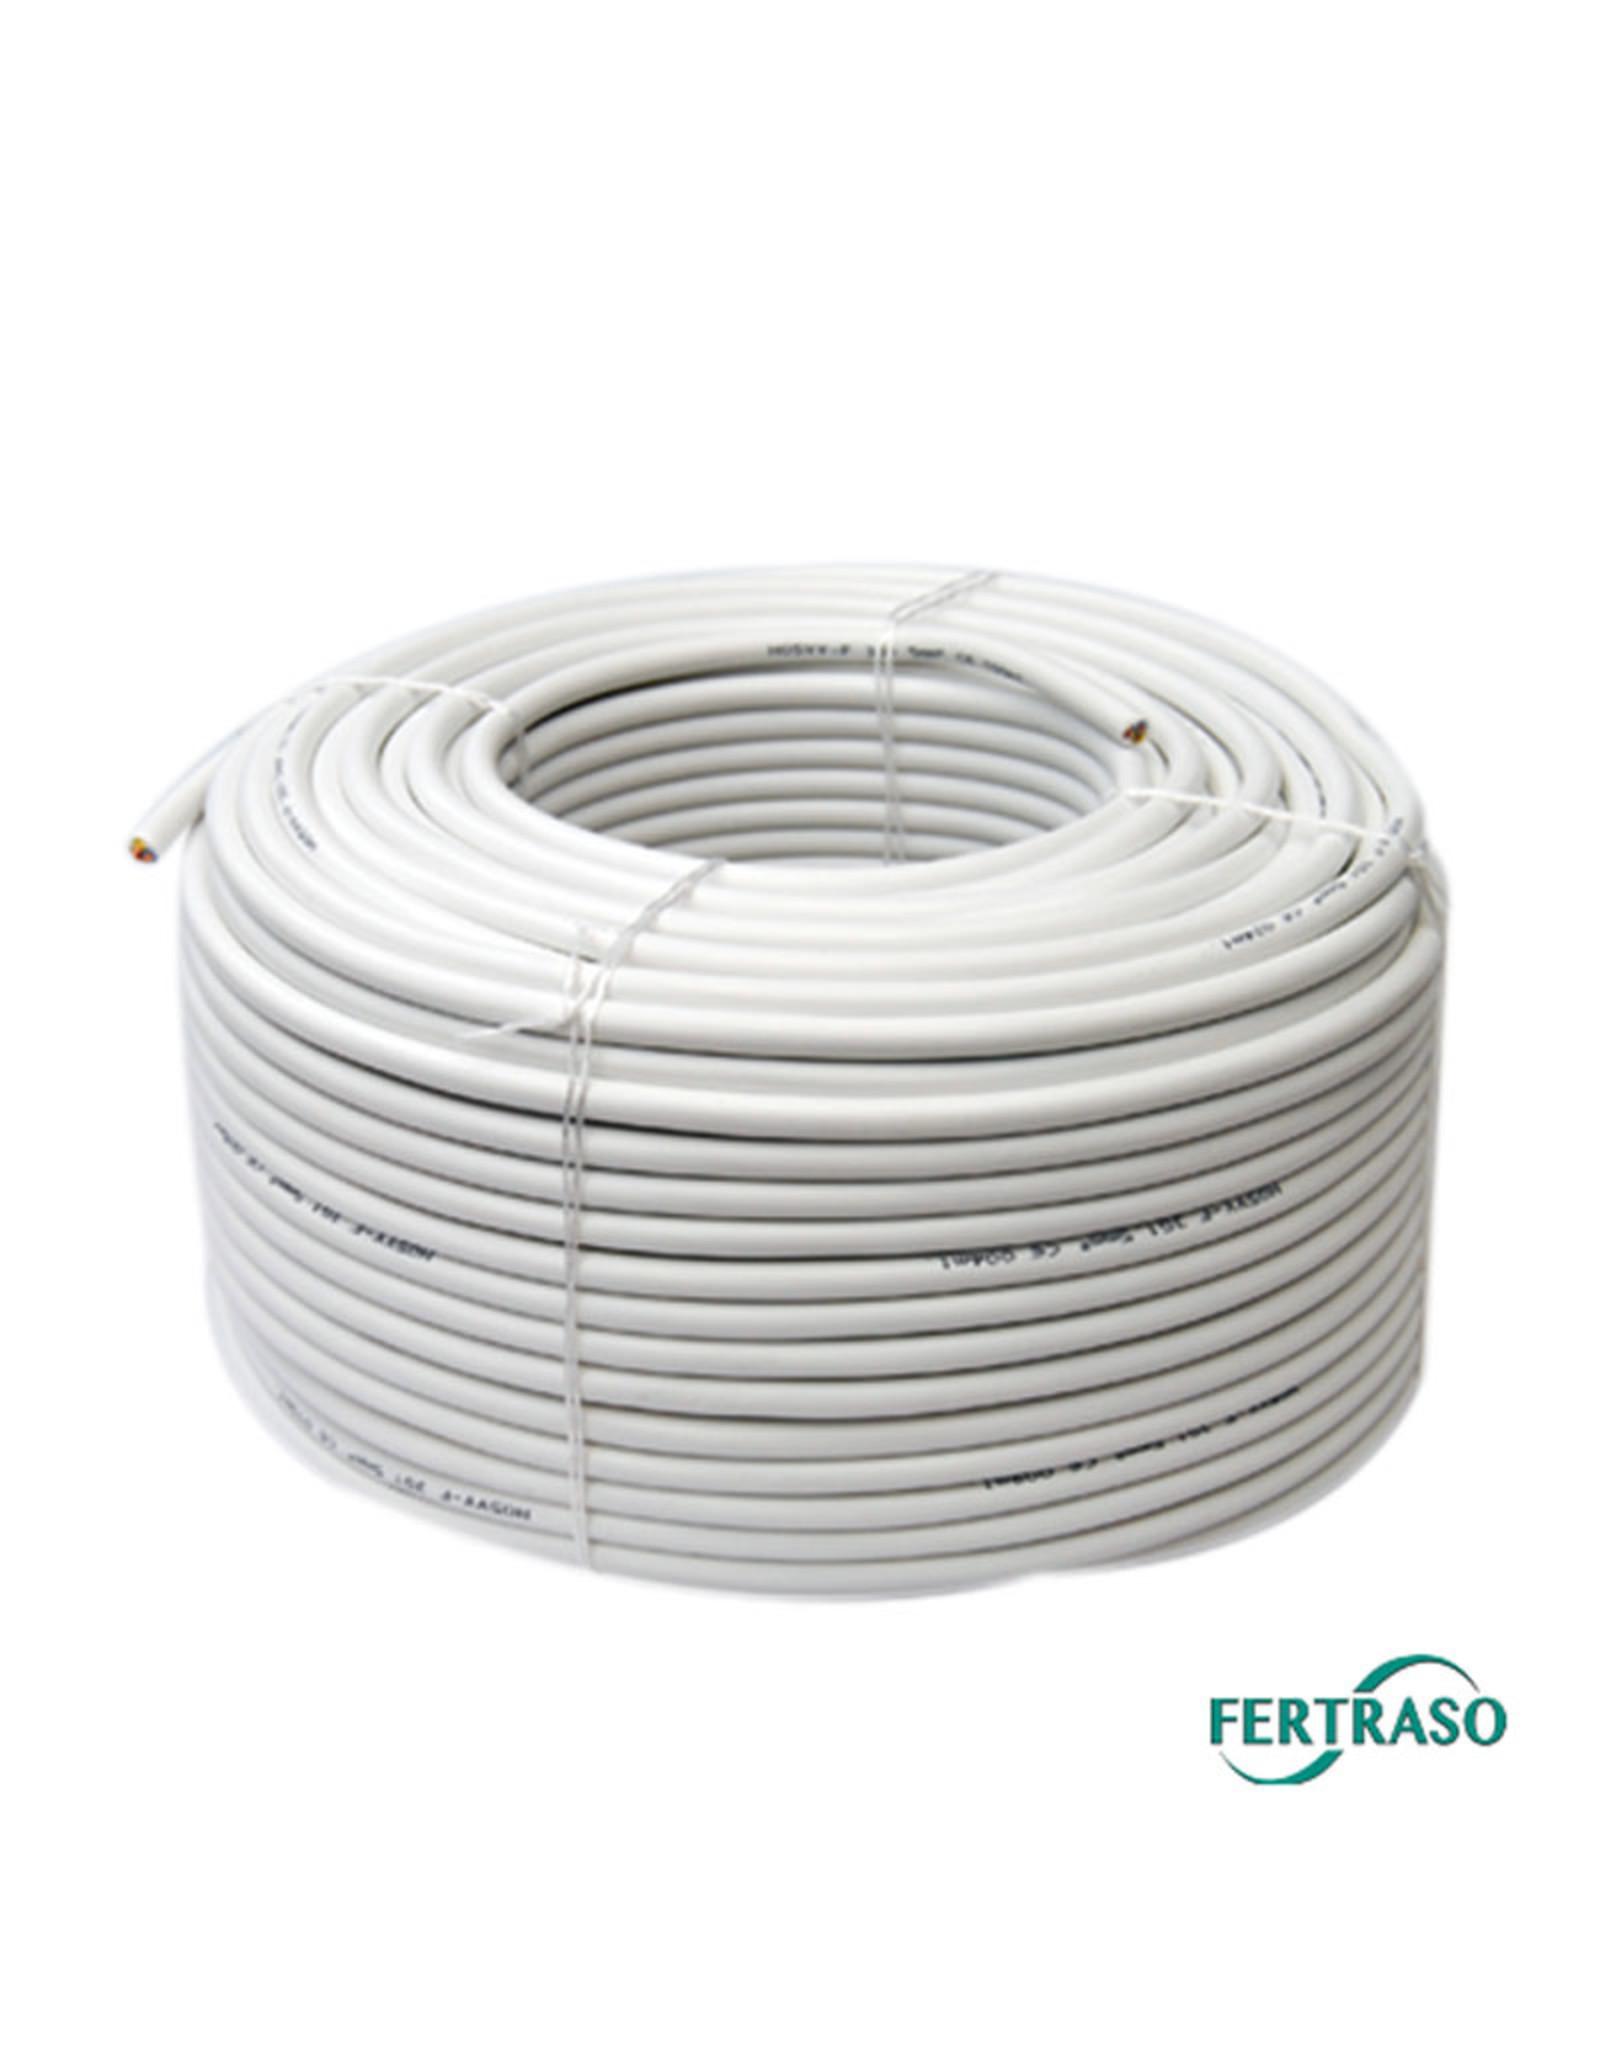 FERTRASO FERTRASO ELECTRIC CABLE